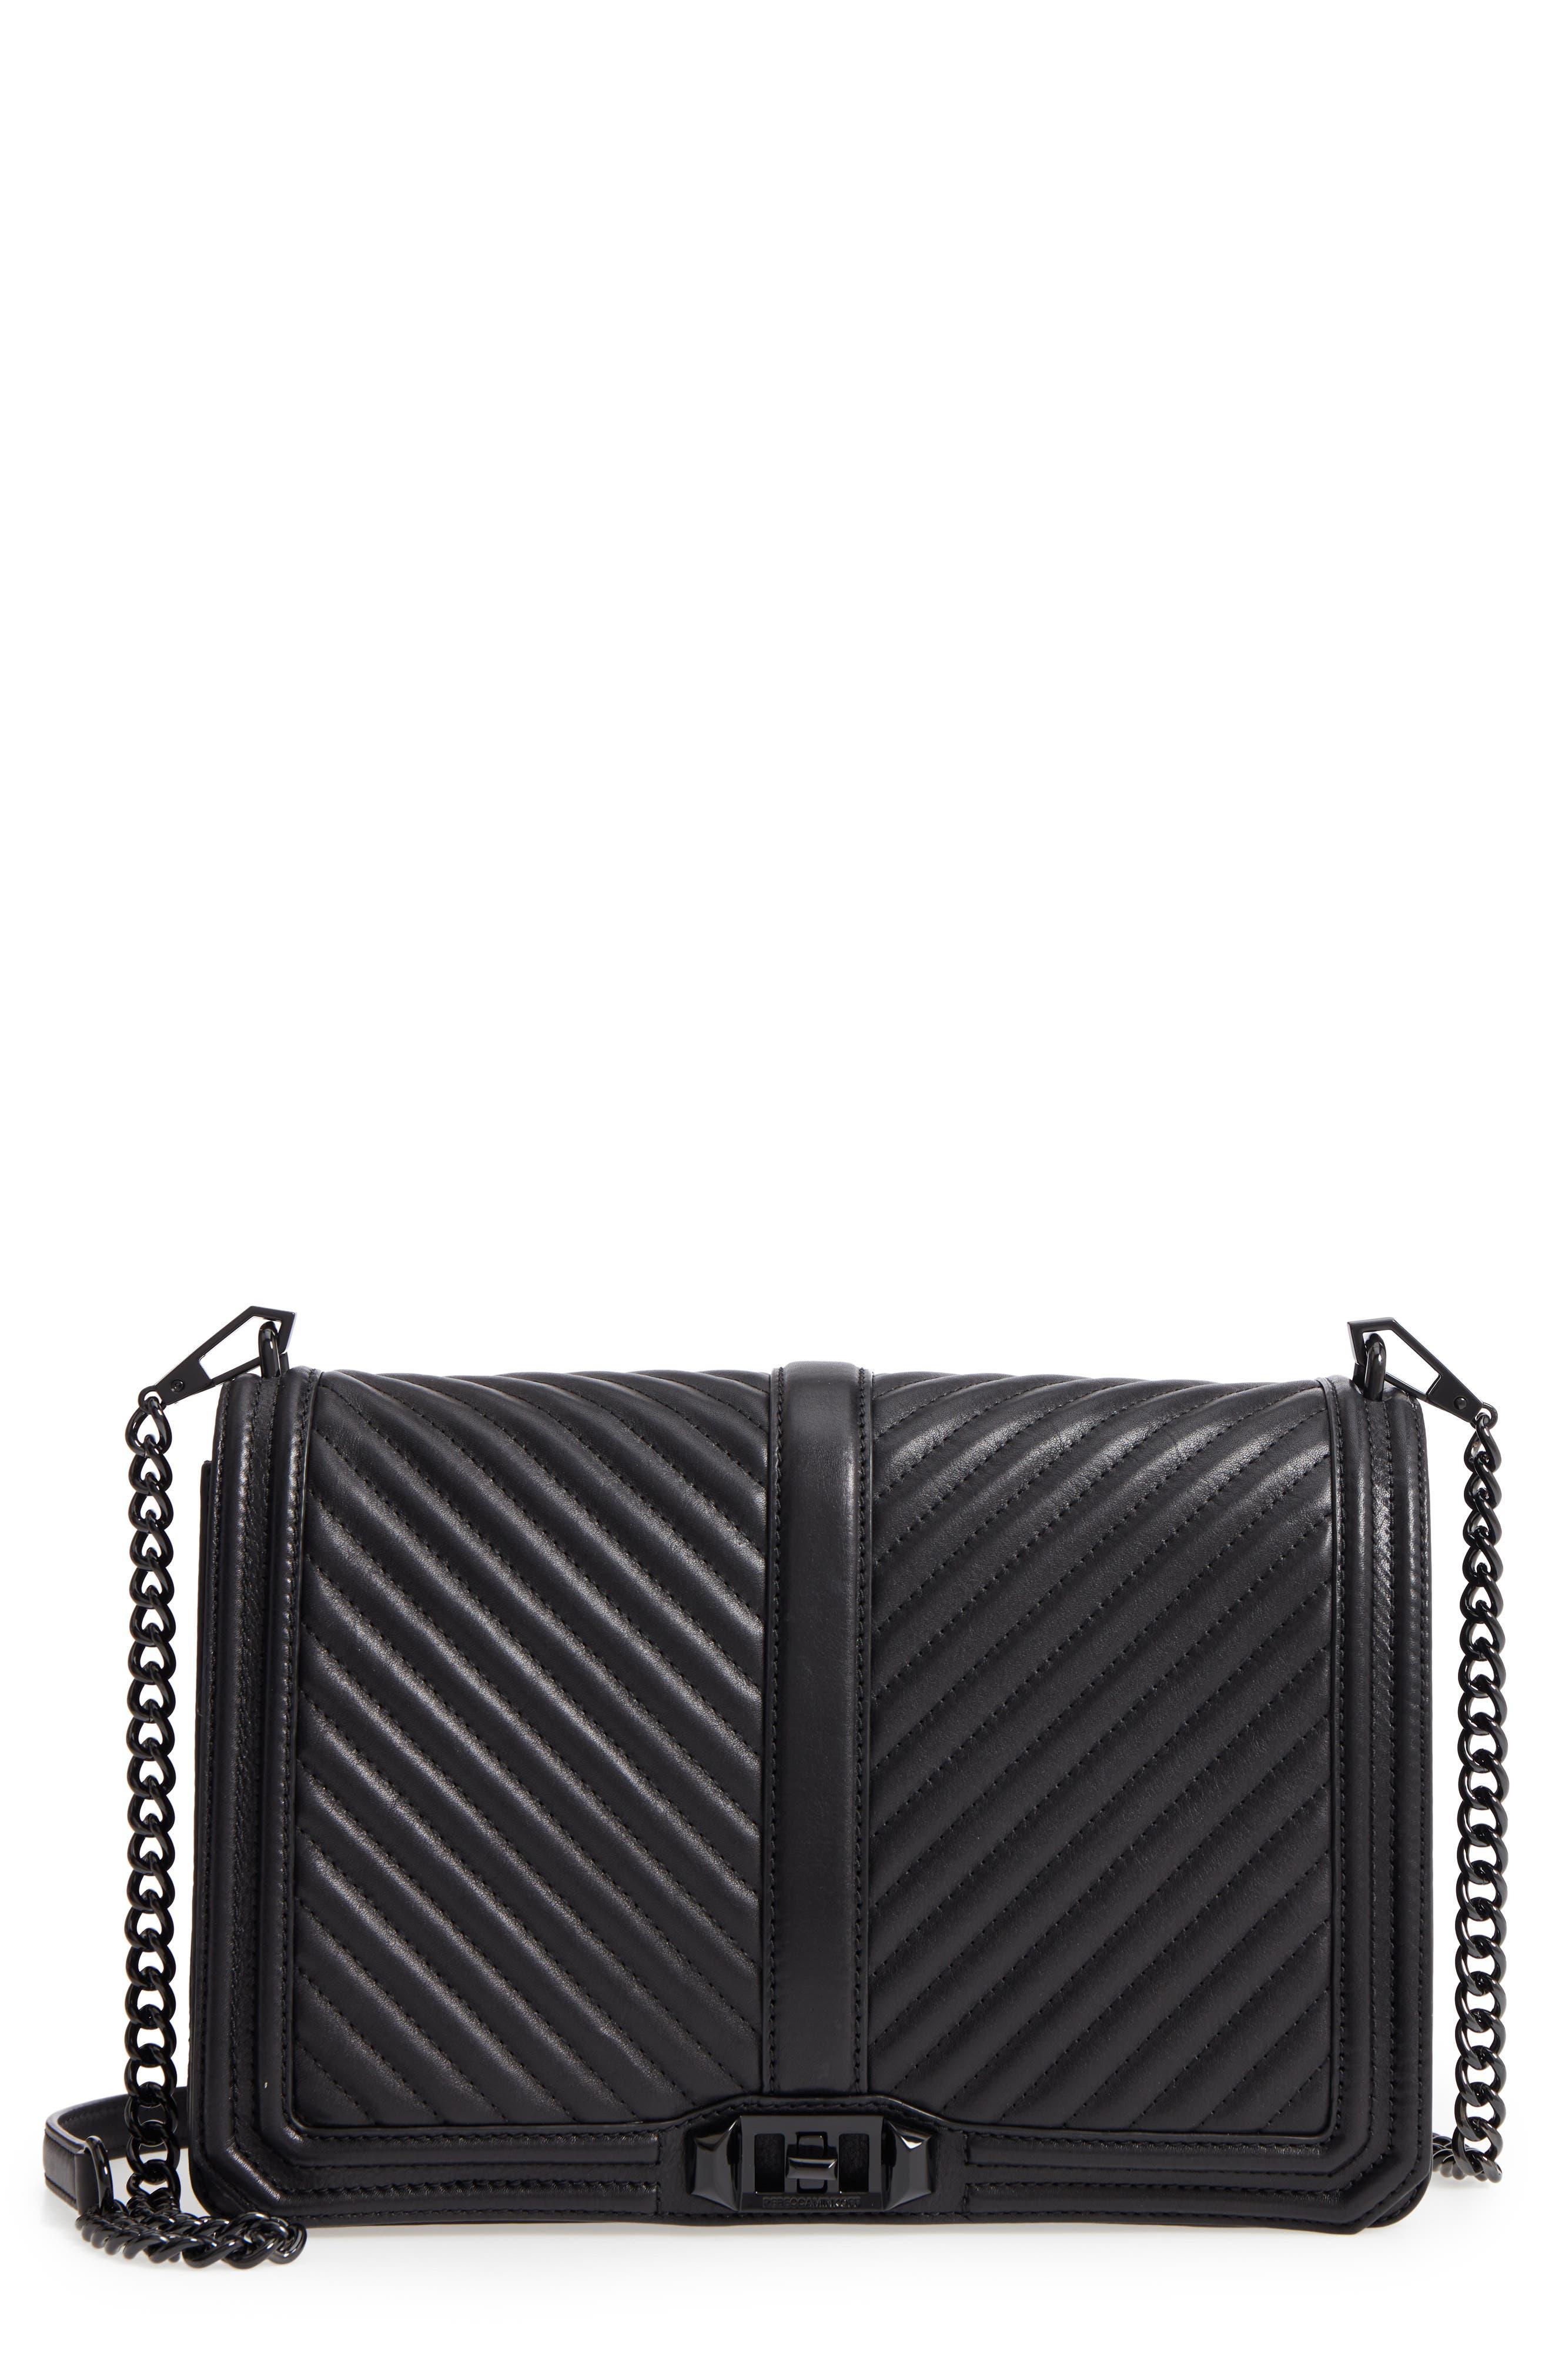 70314640abd34d Turn Lock Handbags   Wallets for Women